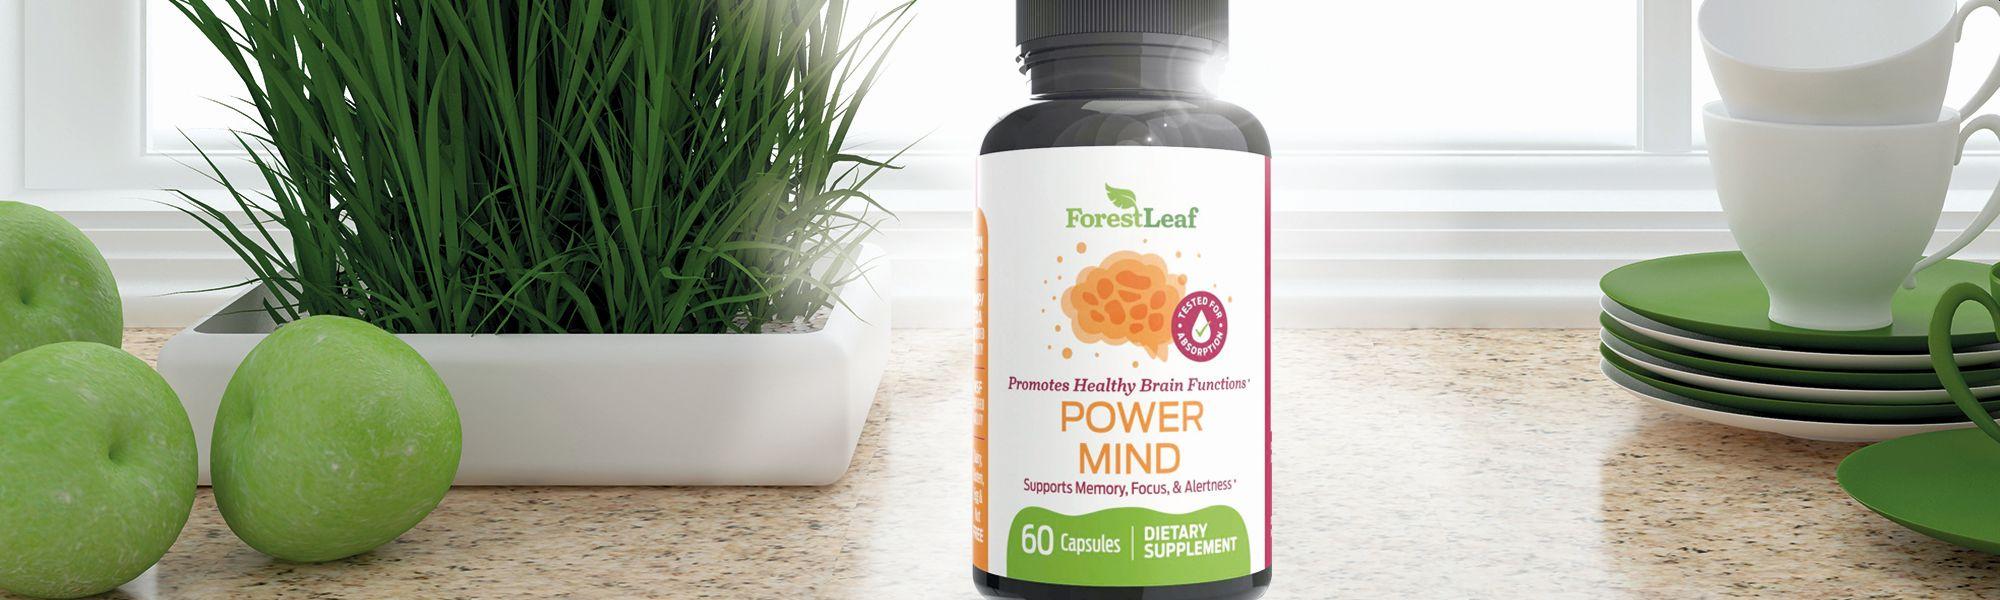 ForestLeaf Power Mind Review